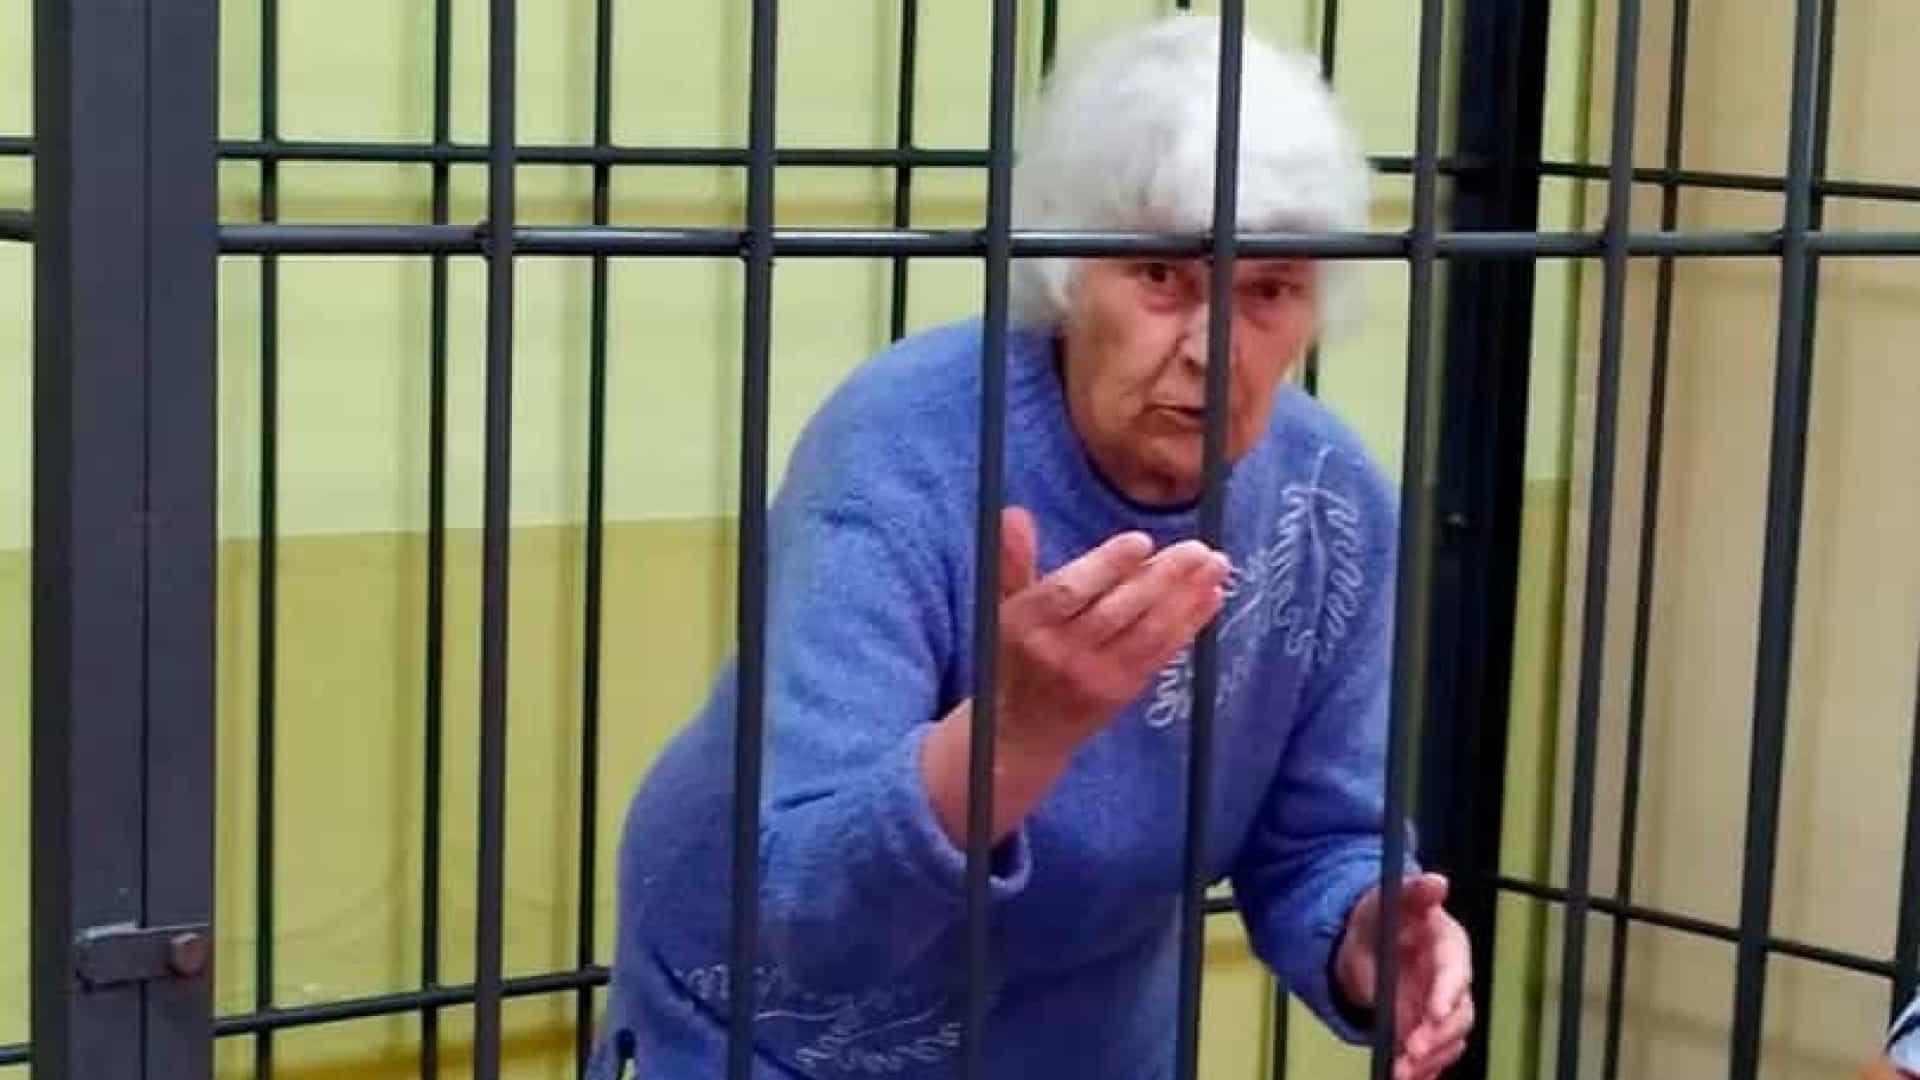 naom 5ff59e819c747 - Mulher que usava carne das suas vítimas para cozinhar morre de Covid-19